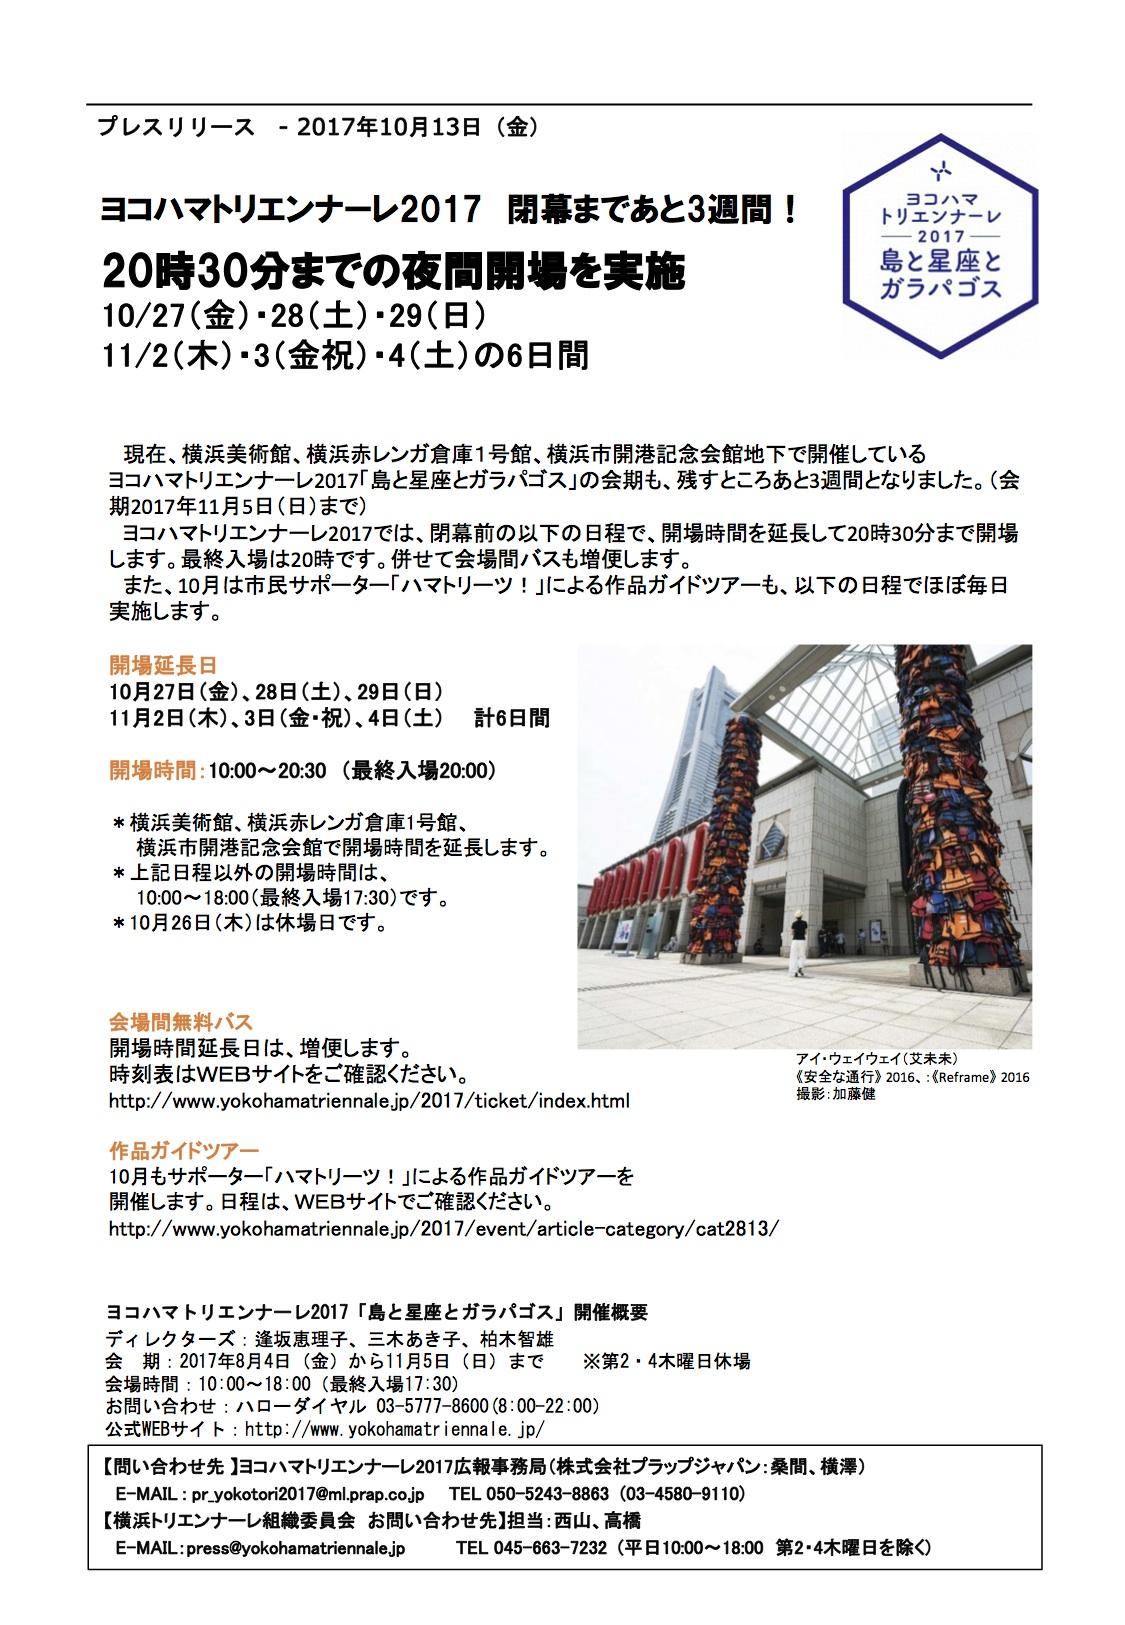 ヨコハマトリエンナーレ2017 閉幕まであと3週間! 20時30分までの夜間開場を実施